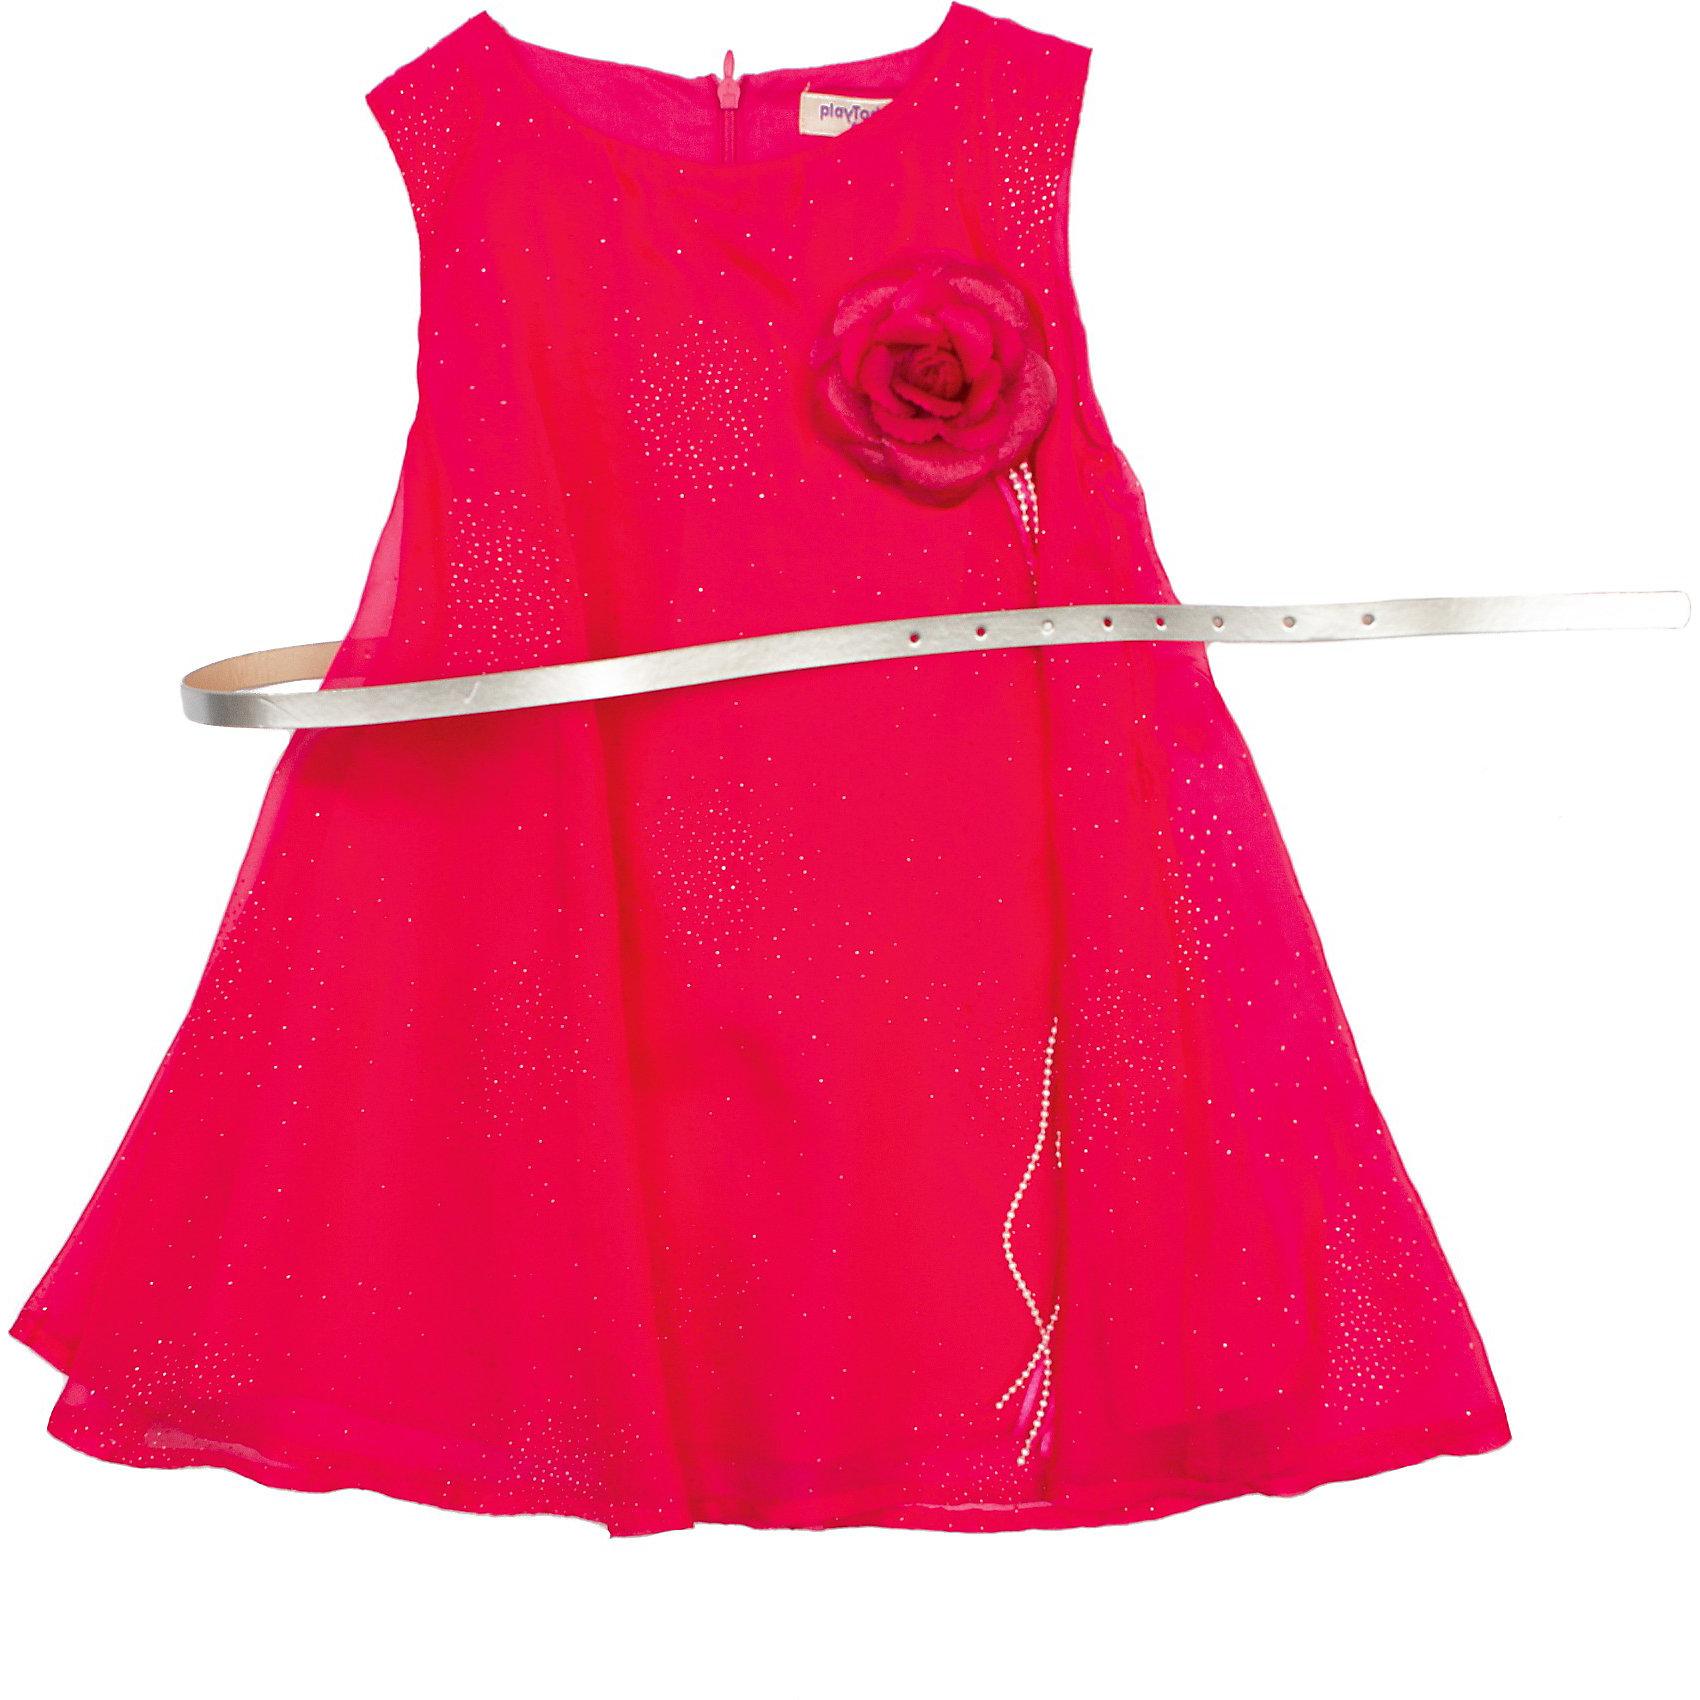 Нарядное платье PlayTodayОдежда<br>Платье PlayToday. <br>Состав: верх: 100% полиэстер, подкладка: 100% хлопок <br><br>*элегантное платье из шифона <br>*силуэт - трапеция <br>*застежка - потайная молния  <br>*декорировано серебритсым напылением в виде брызг <br>*в комплекте декоративная съемная брошь - цветок <br>*в комплекте пояс цвета металлик<br><br>Ширина мм: 236<br>Глубина мм: 16<br>Высота мм: 184<br>Вес г: 177<br>Цвет: розовый<br>Возраст от месяцев: 24<br>Возраст до месяцев: 36<br>Пол: Женский<br>Возраст: Детский<br>Размер: 98,104,116,122,110,128<br>SKU: 3892894